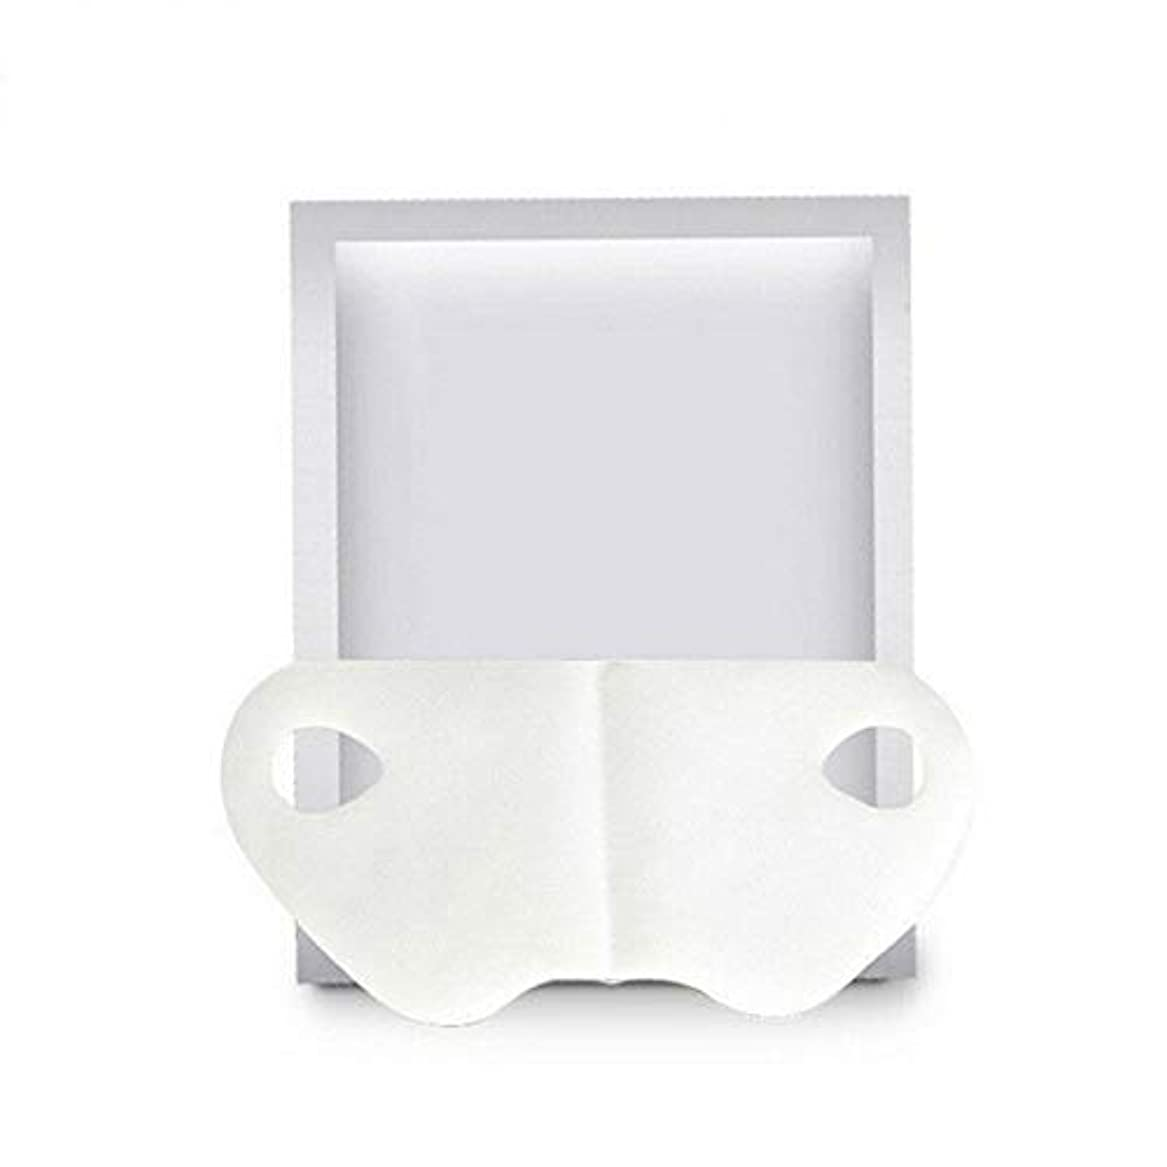 グリーンランド伝染性傑作Aylincool   保湿フェイスファーミングマスクをホワイトニングするV字型スリミングフェイスマスク